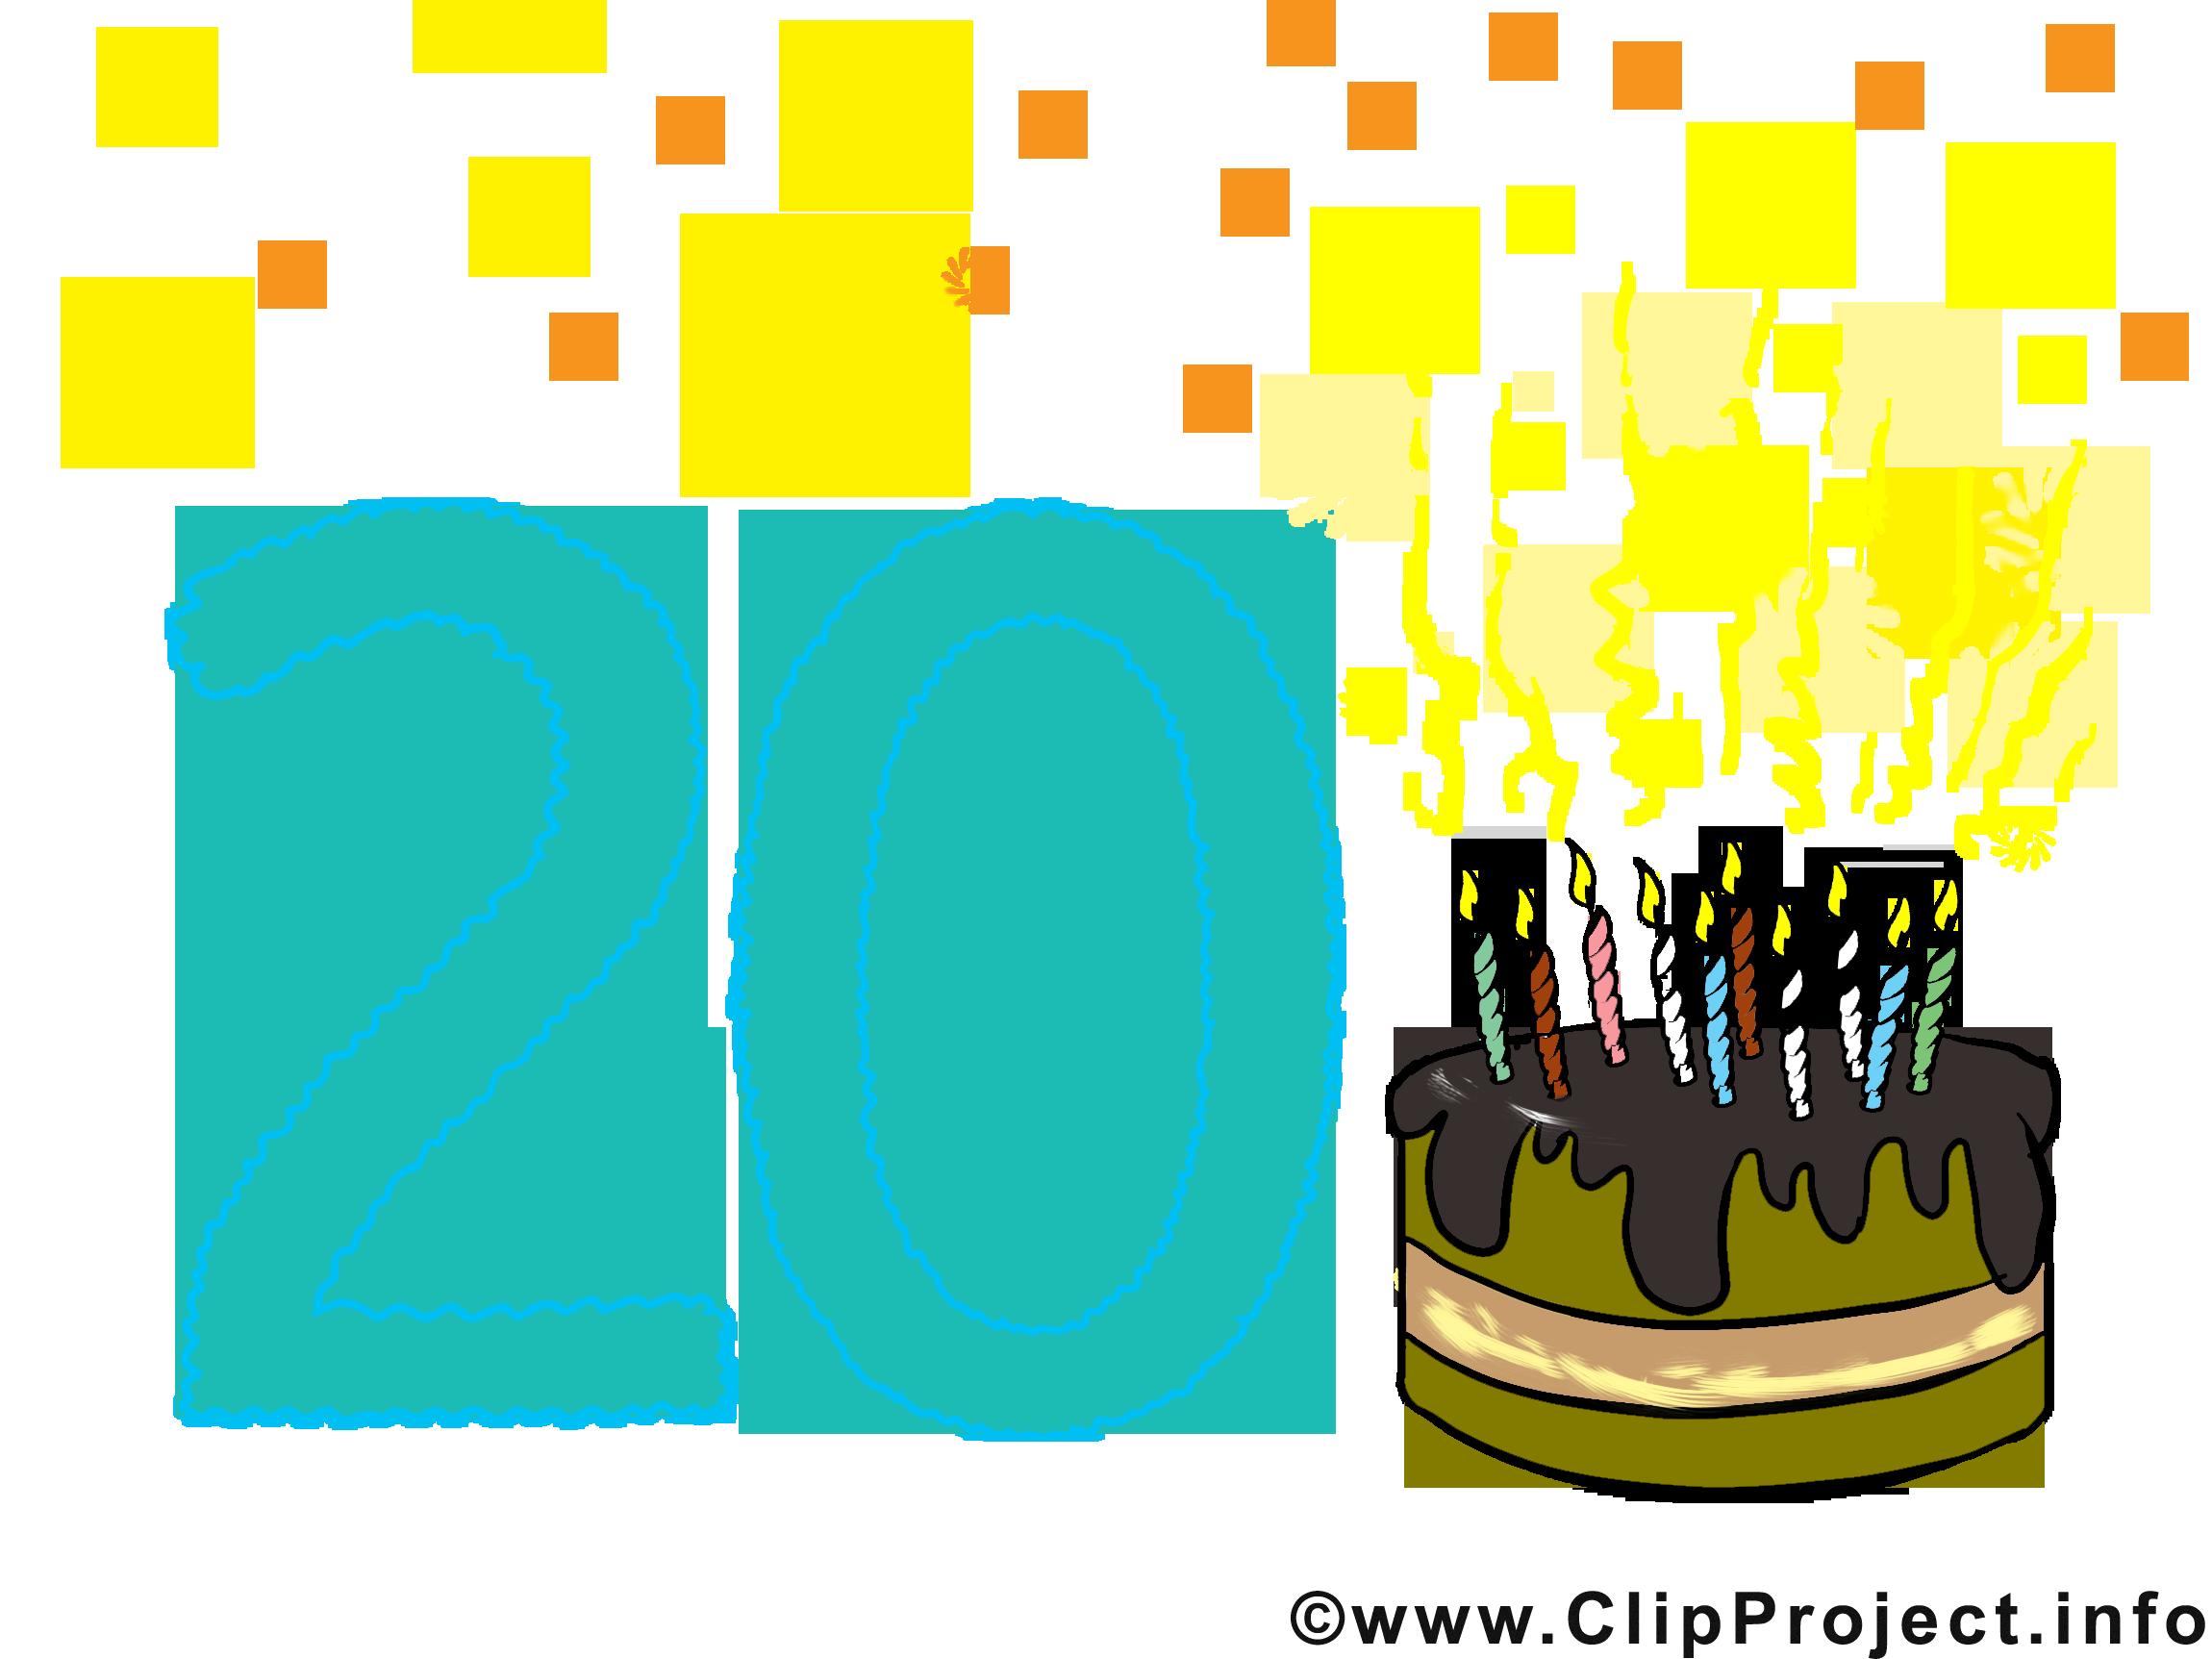 20 ans image gratuite anniversaire cliparts cartes virtuelles anniversaire dessin picture - Dessin anniversaire 20 ans ...